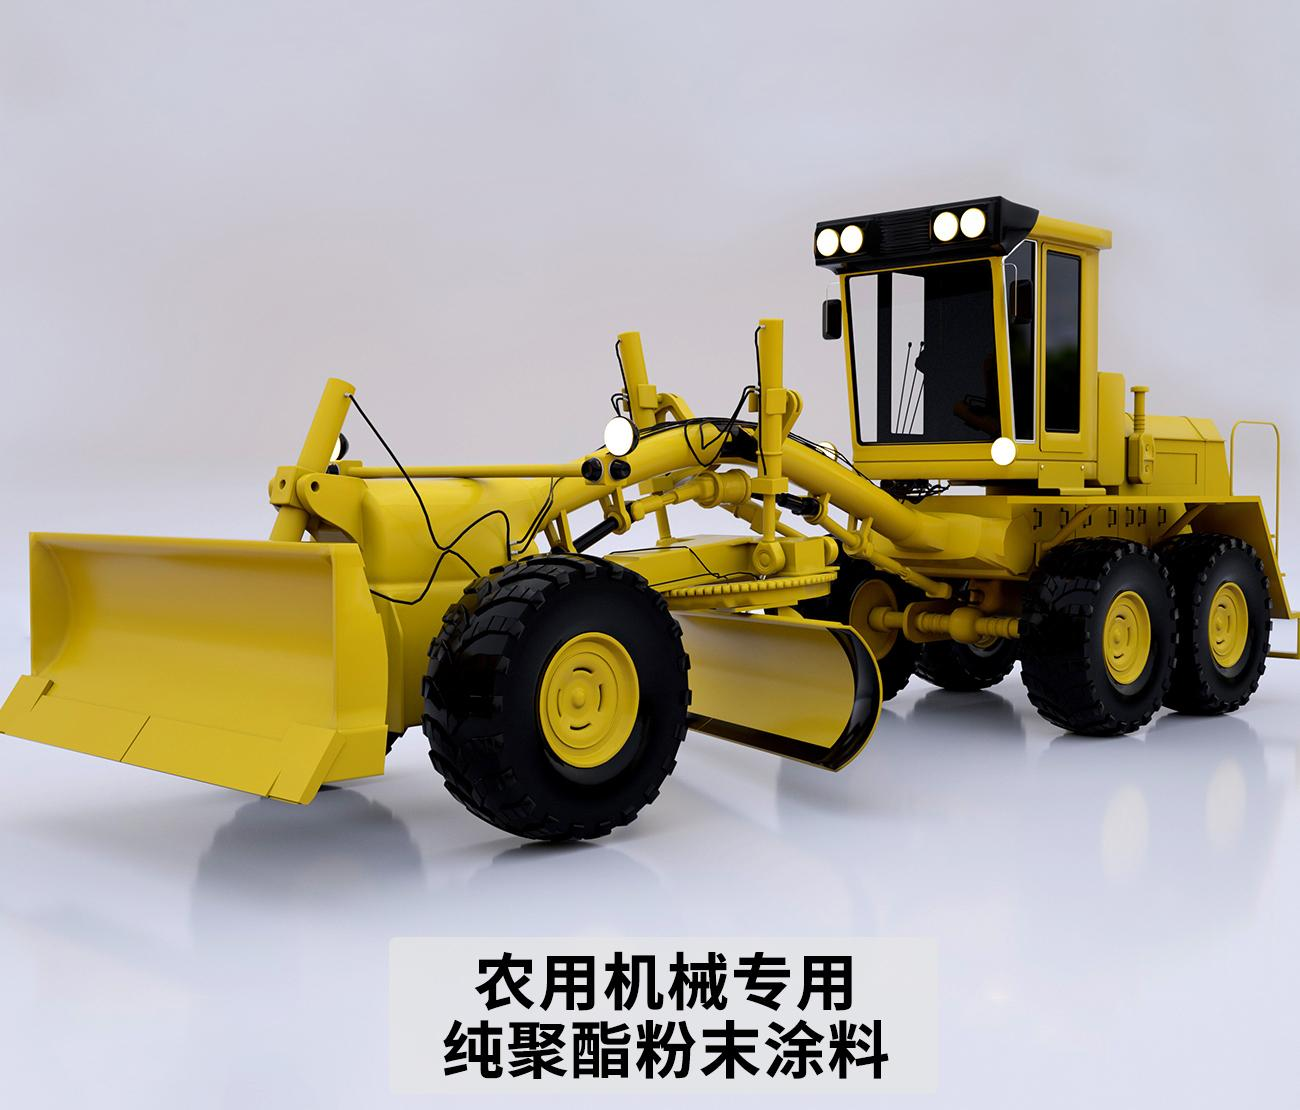 农用机械专用纯聚酯万博体育手机官网登录